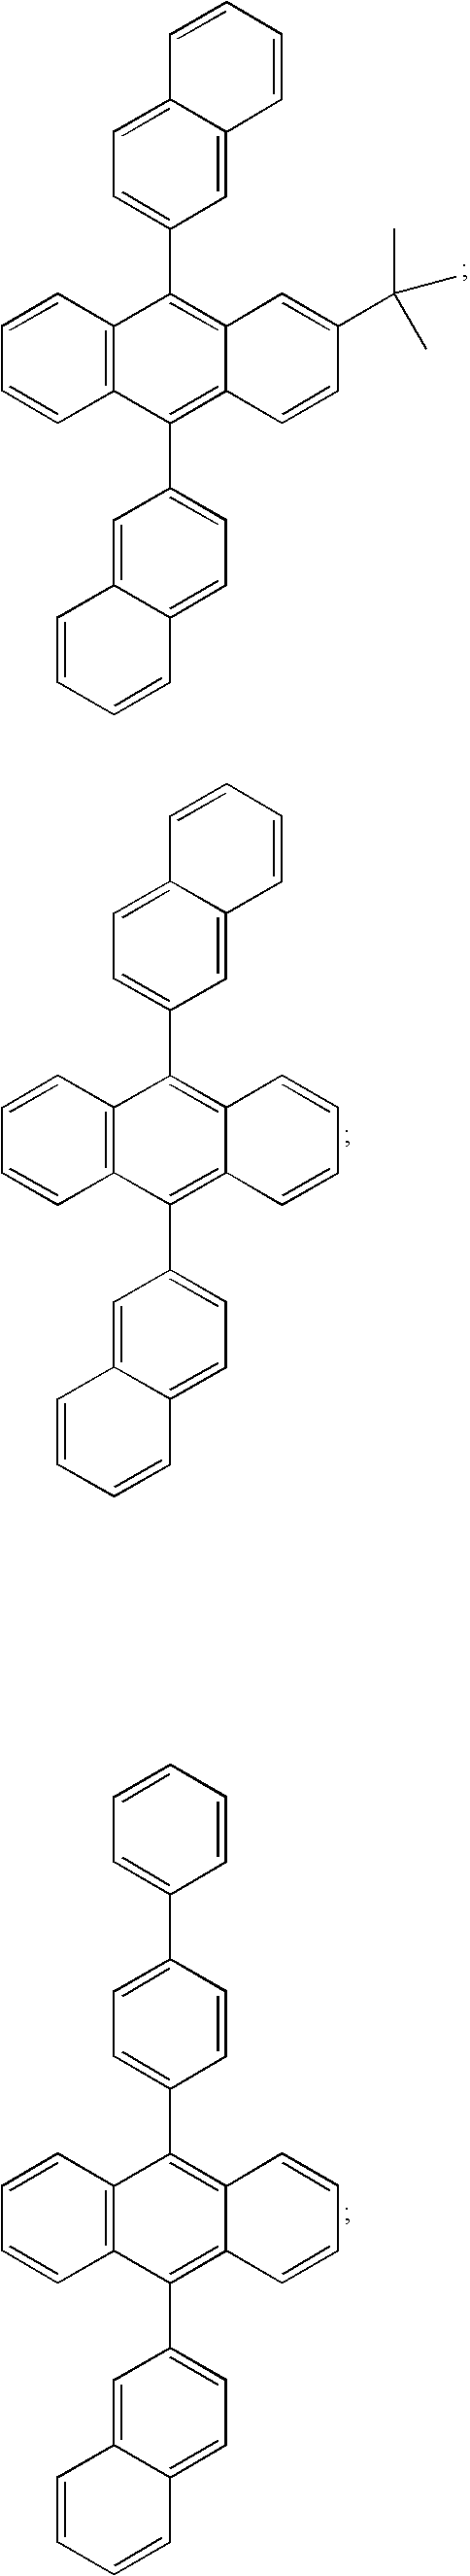 Figure US07247394-20070724-C00012